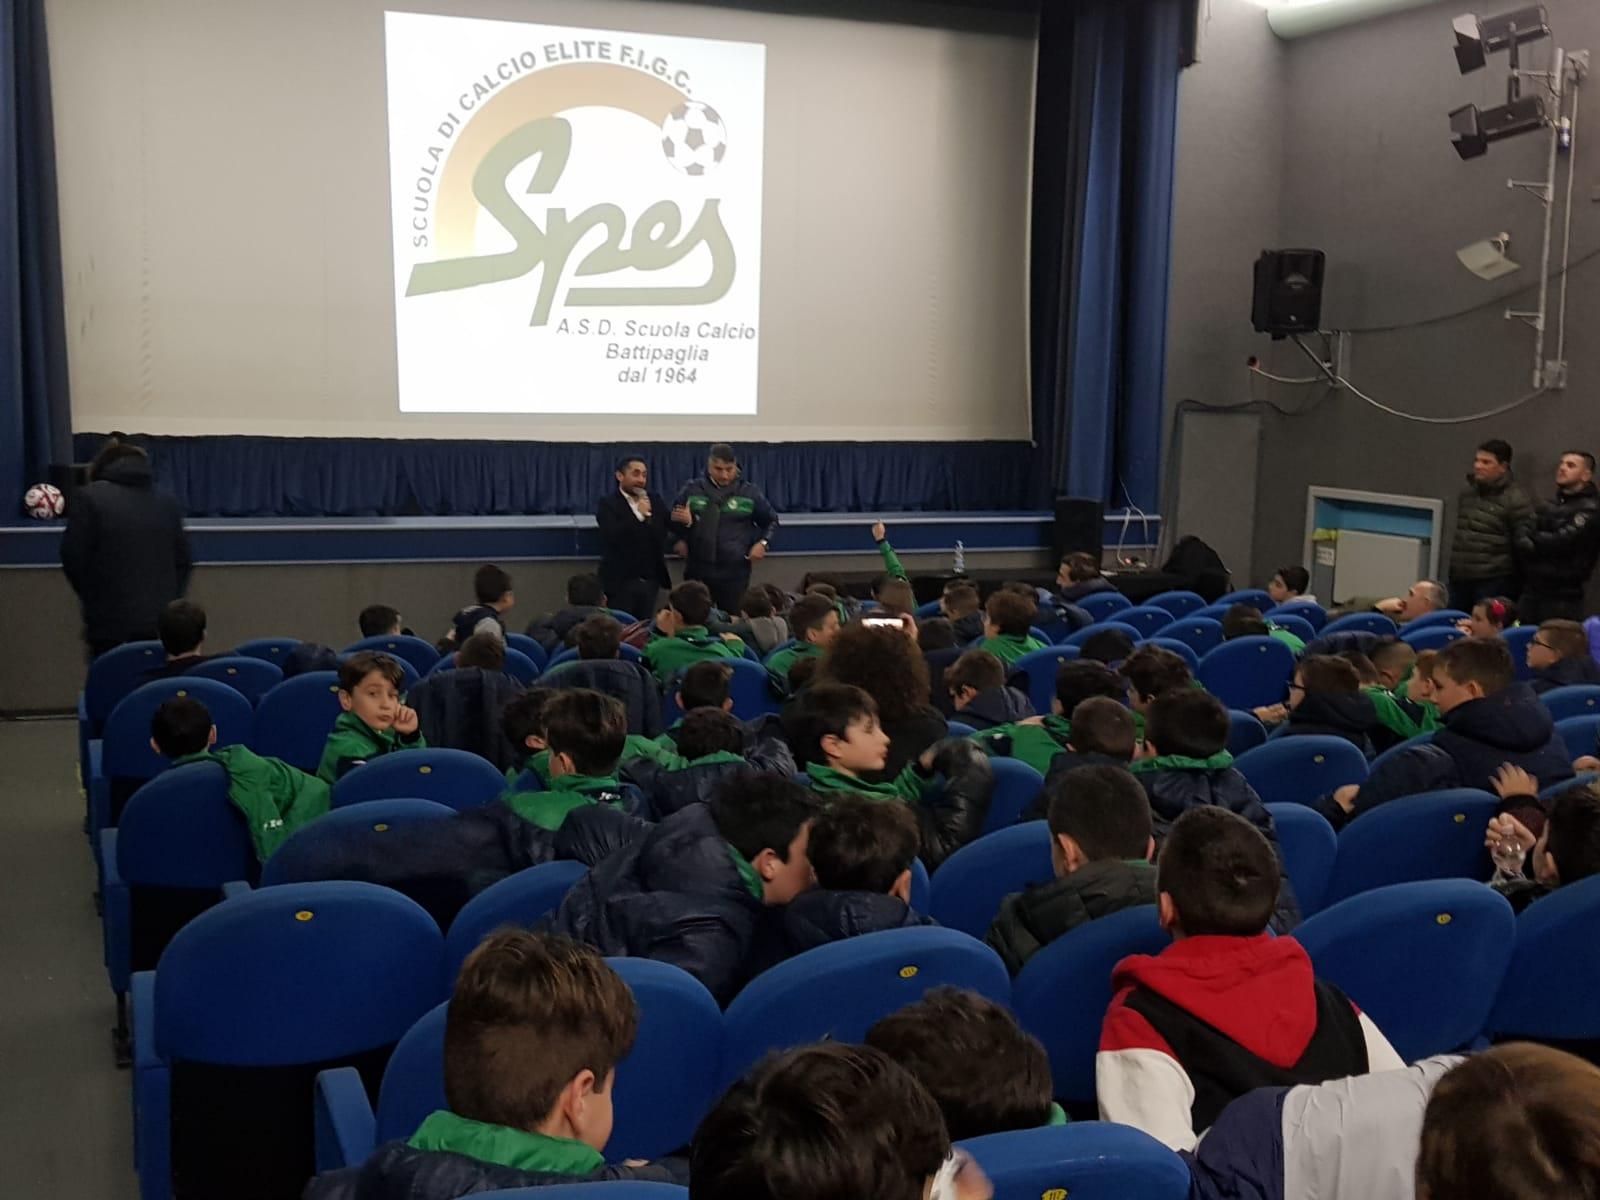 Scuola Calcio Spes: Il Cinema Sportivo Che Educa